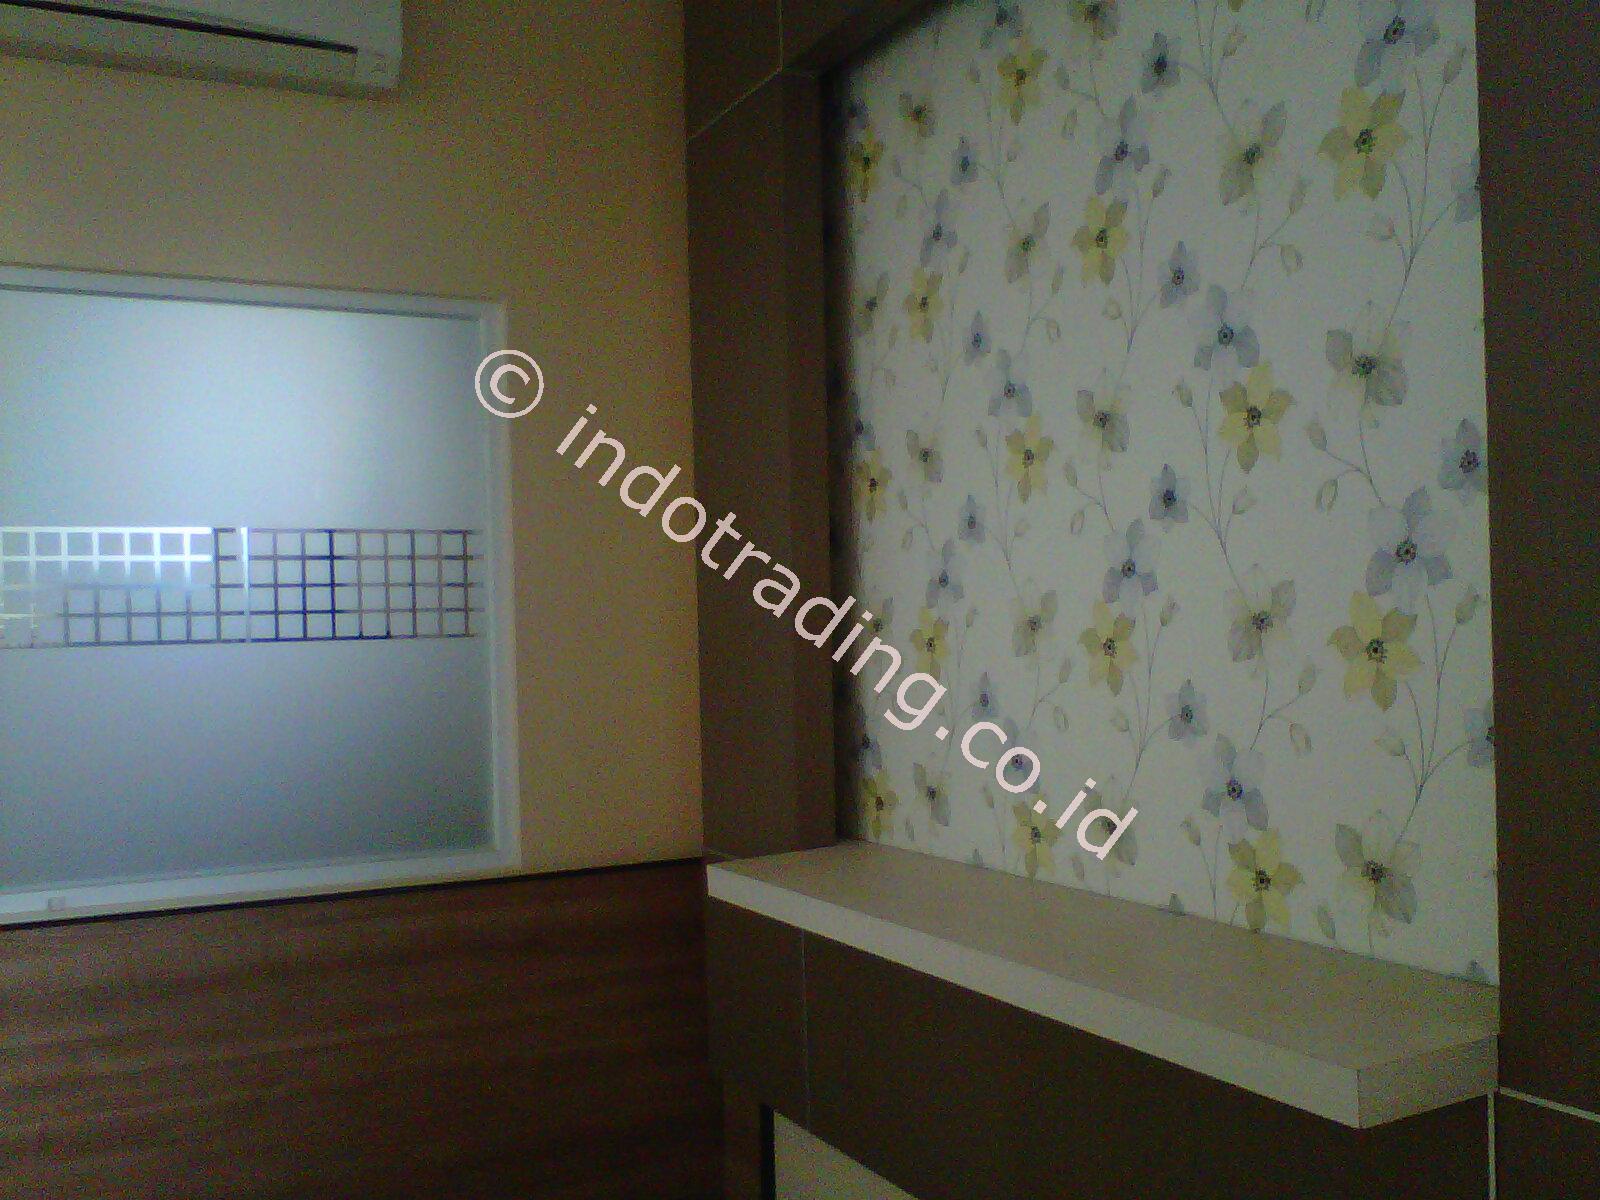 Download Jual Wallpaper Harga Murah Beli Online 1600x1200